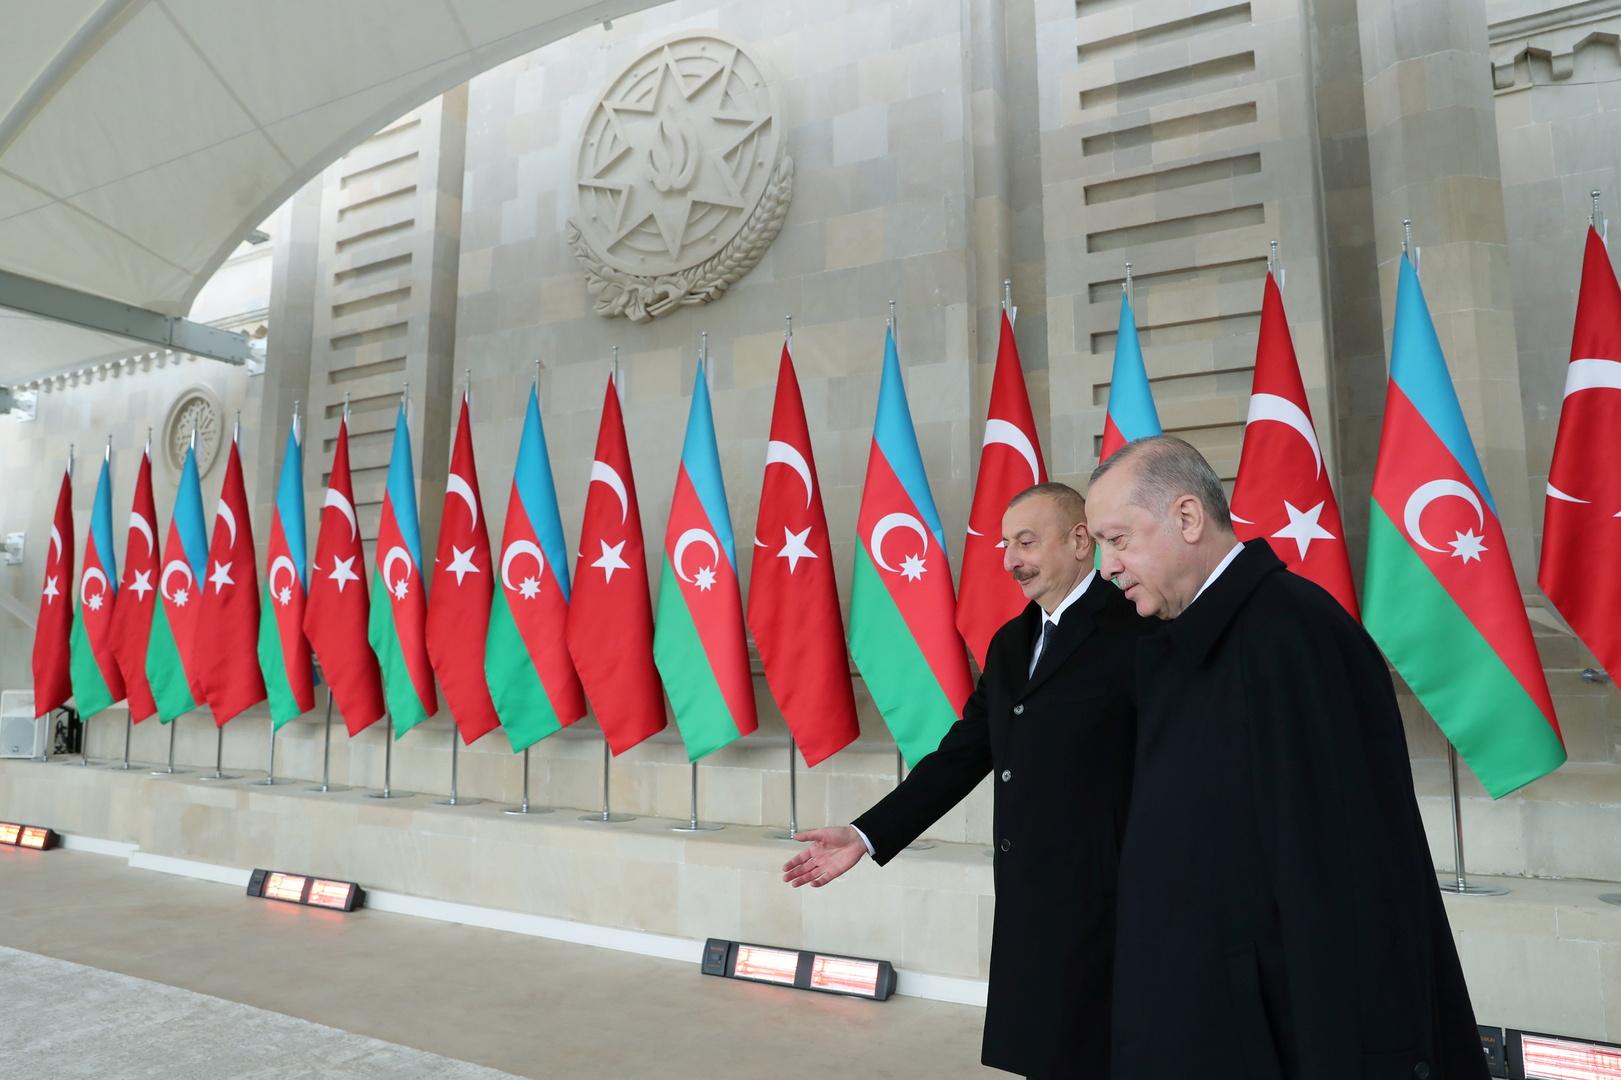 الرئيس التركي رجب طيب أردوغان والرئيس الأذربيجاني إلهام علييف